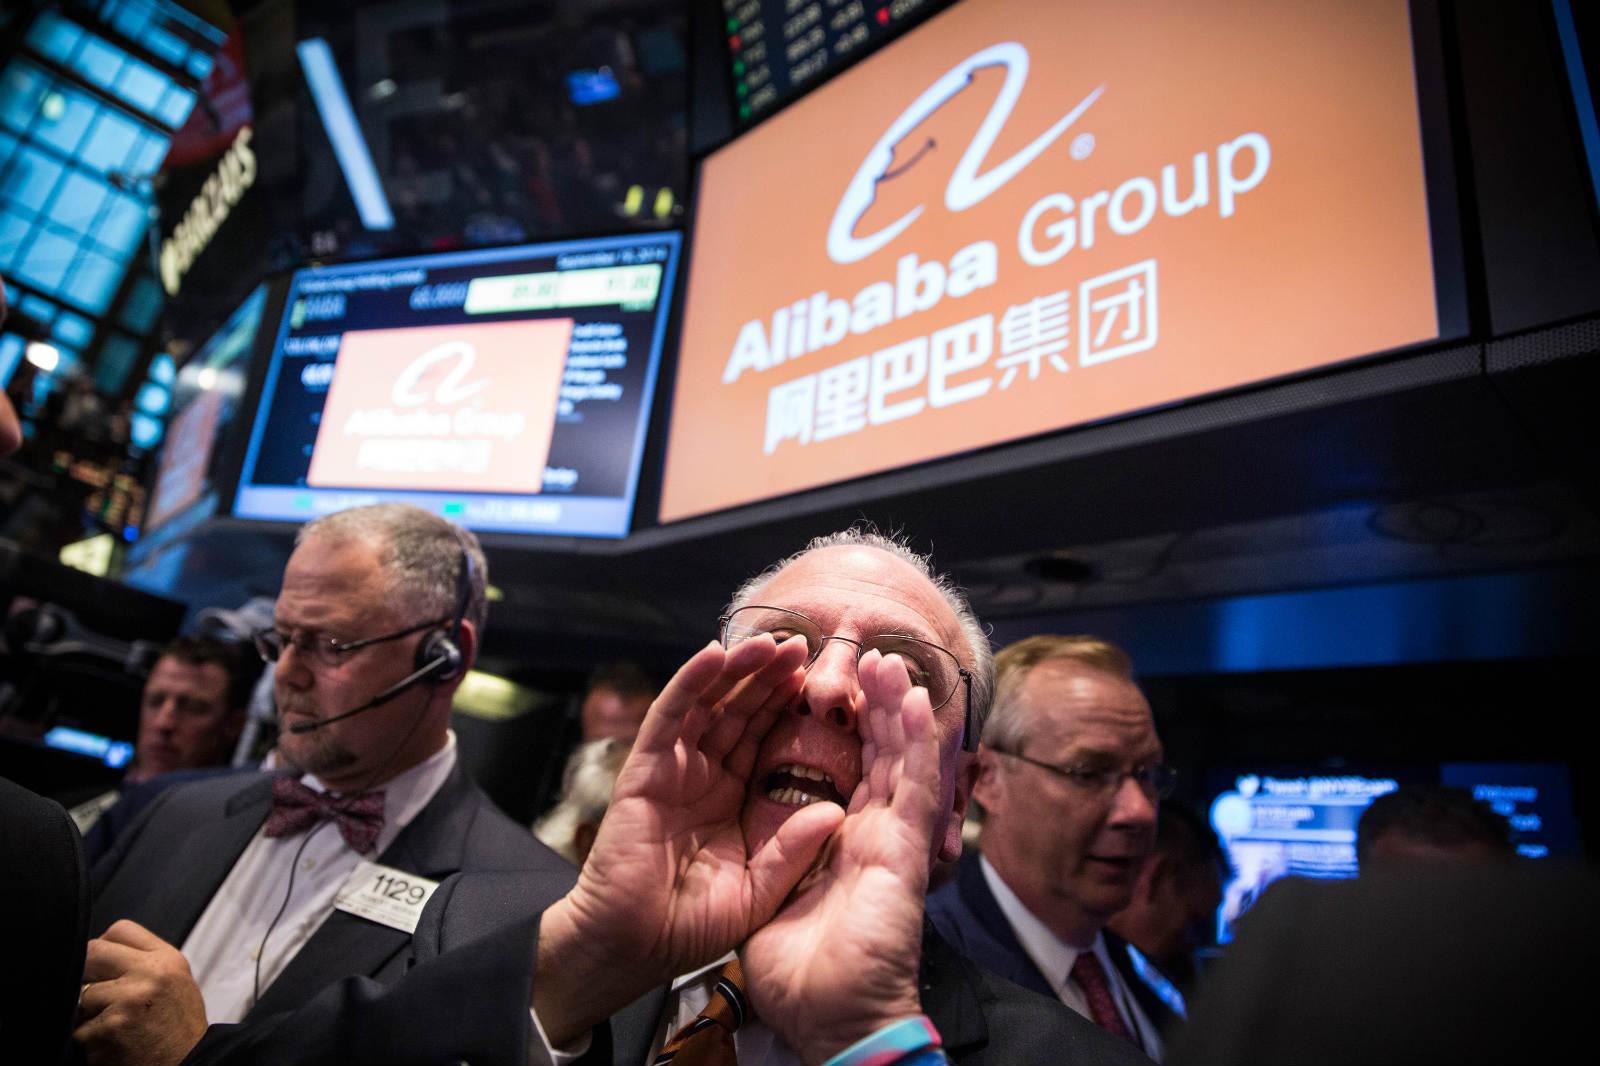 澳媒:阿里巴巴引领的新零售正在重振中国零售业